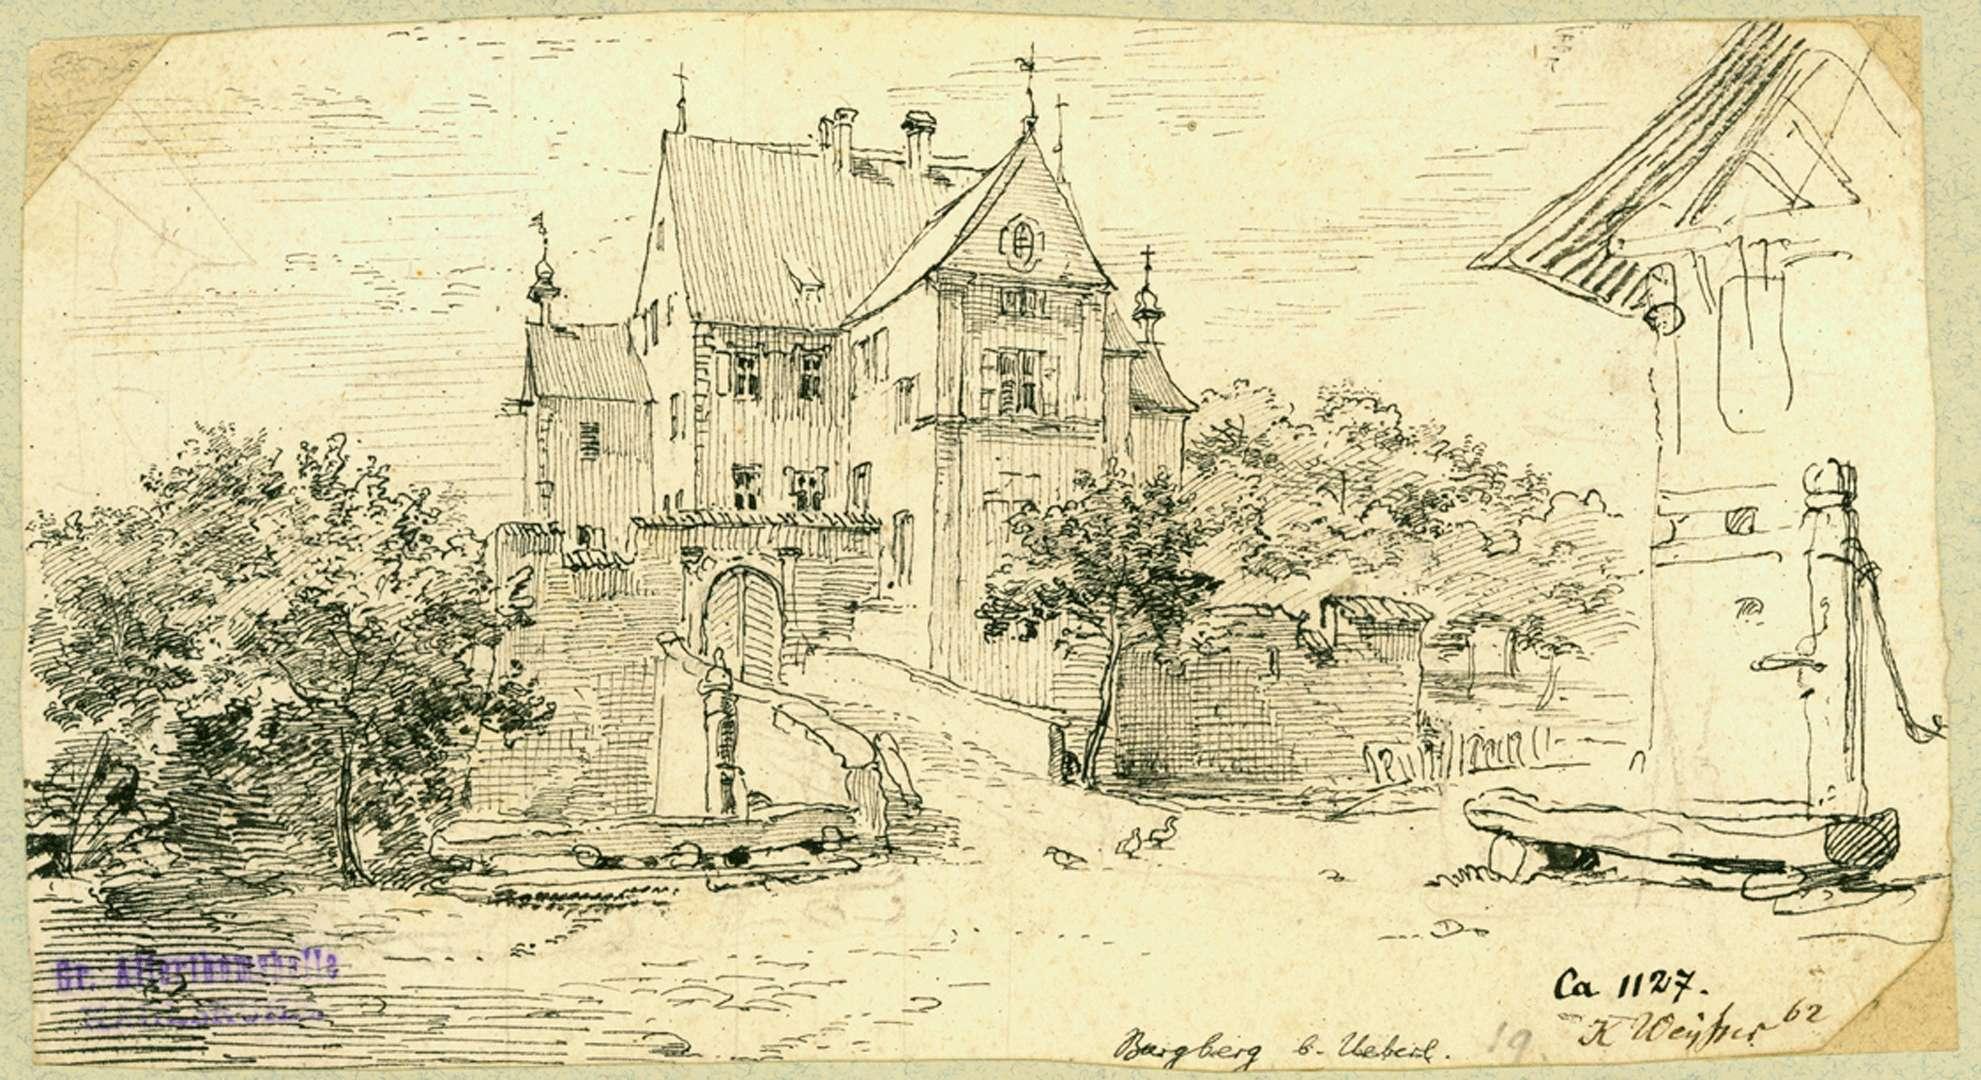 Burgberg Wasserschloss, Torseite, Bild 1